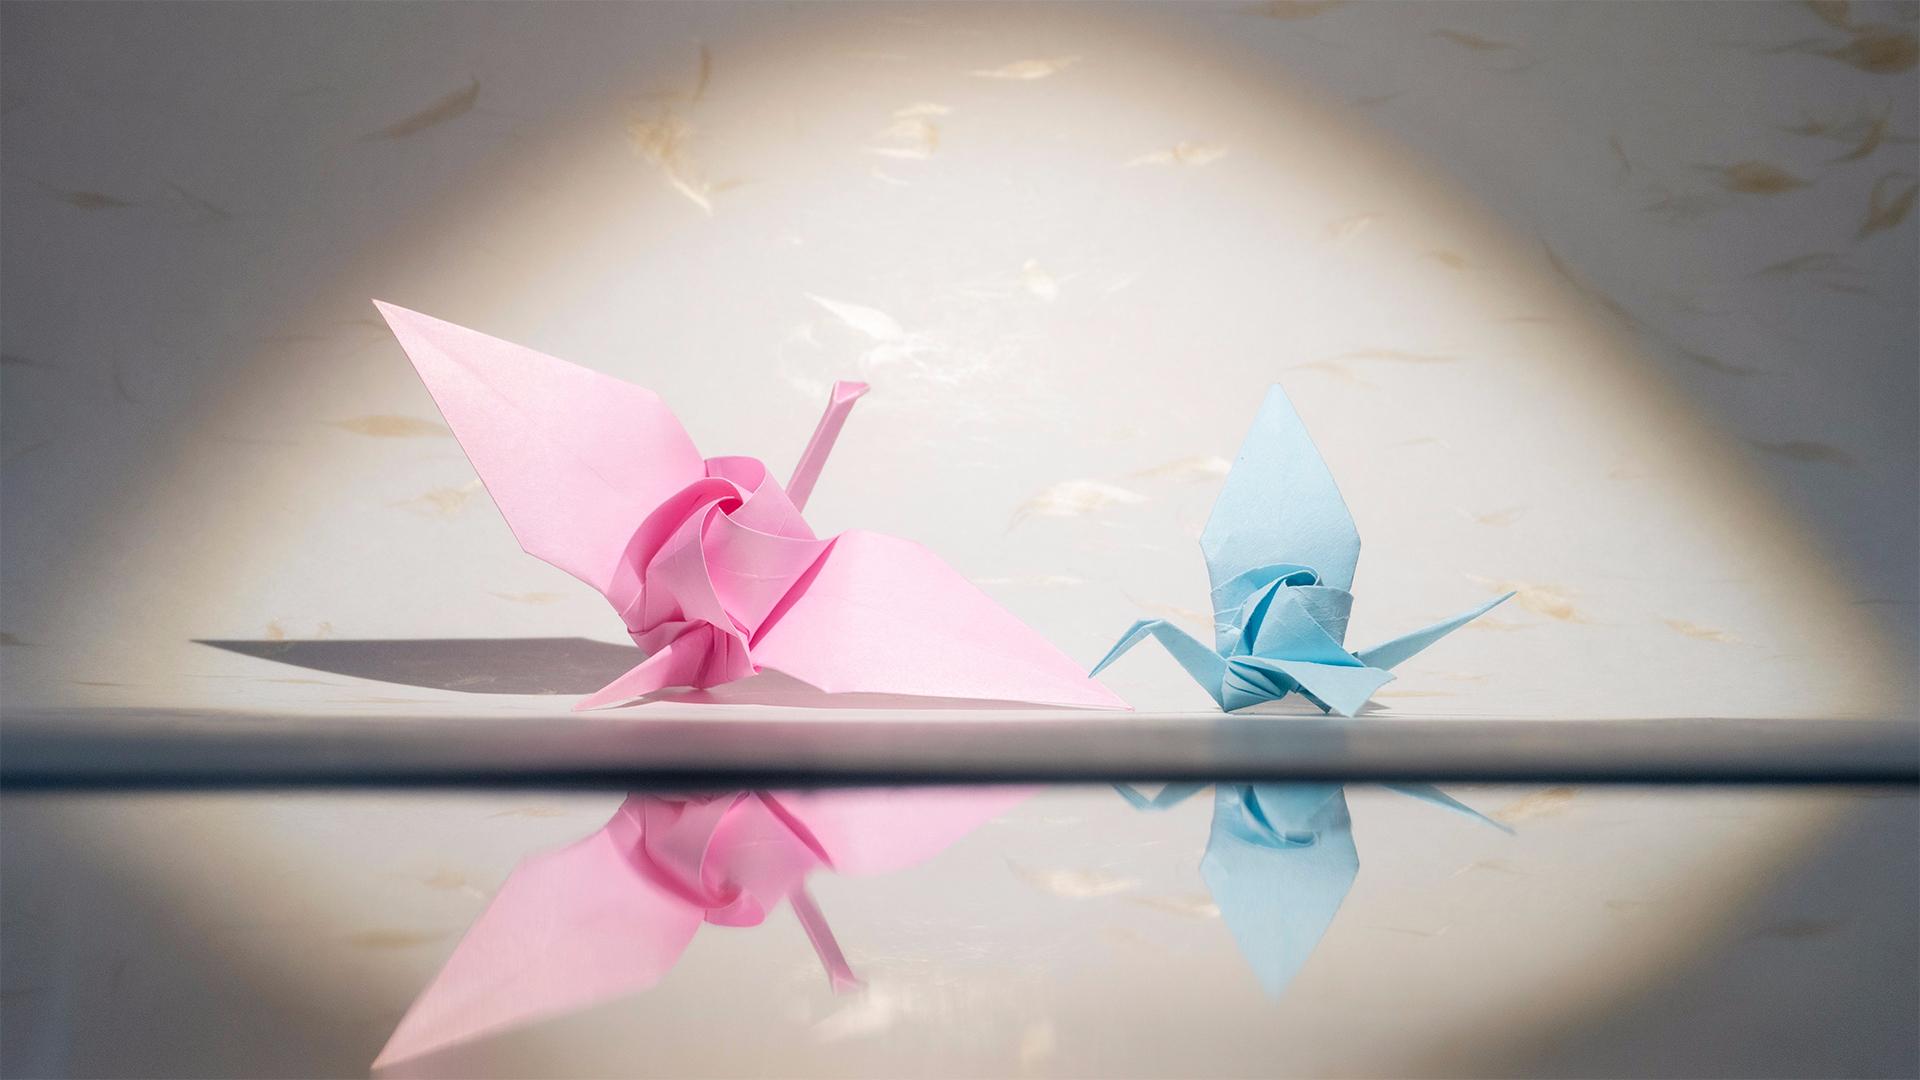 【折纸】嗯?玫瑰?长在了千纸鹤身上?